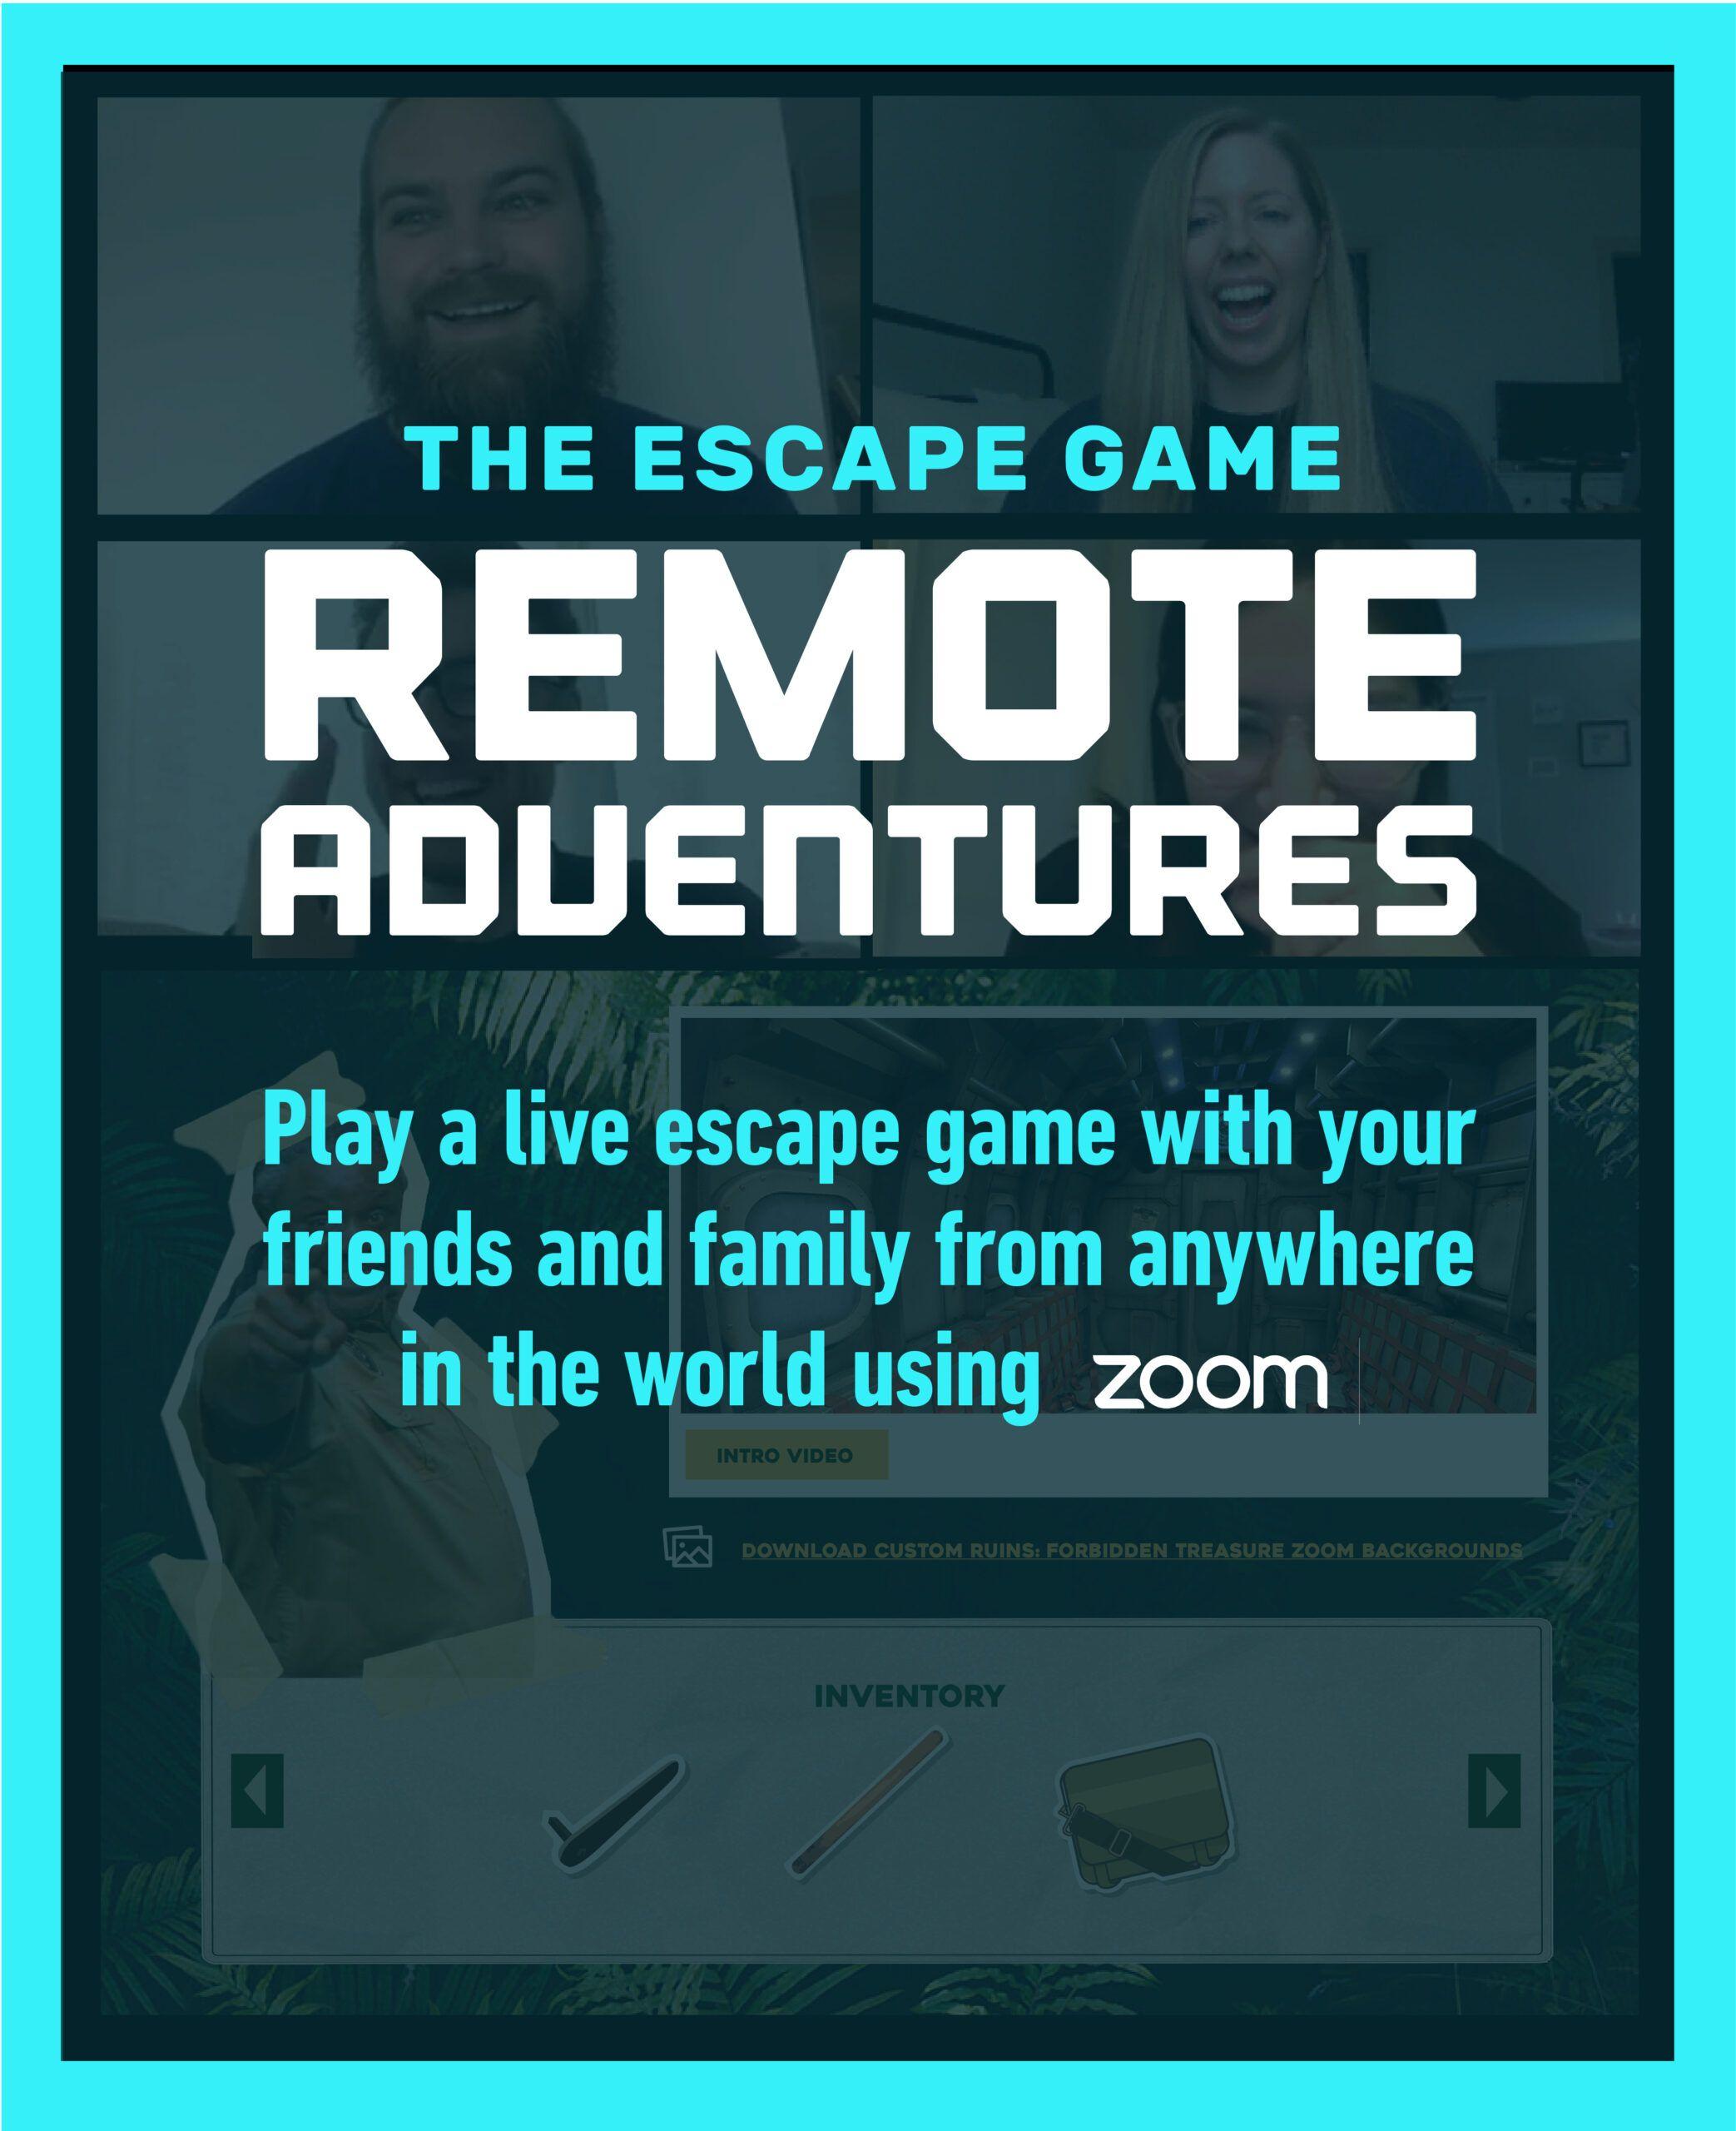 The Escape Game Remote Adventures Virtual Escape Room in